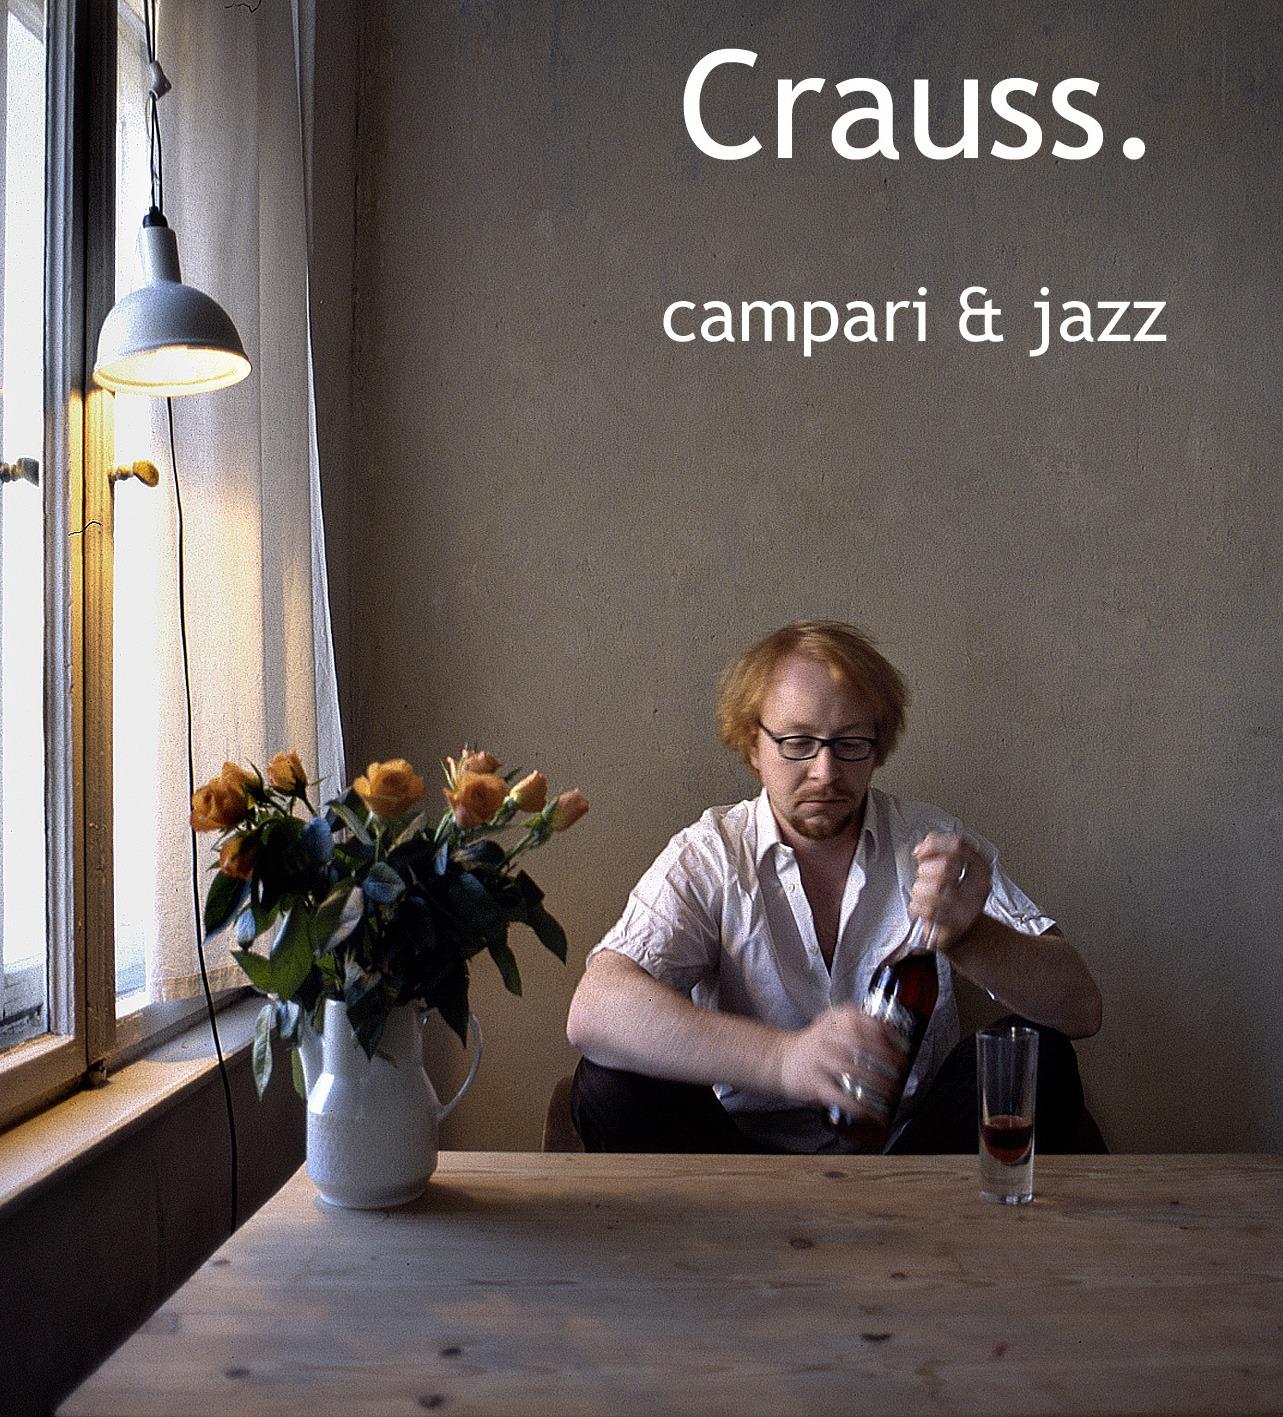 campari & jazz